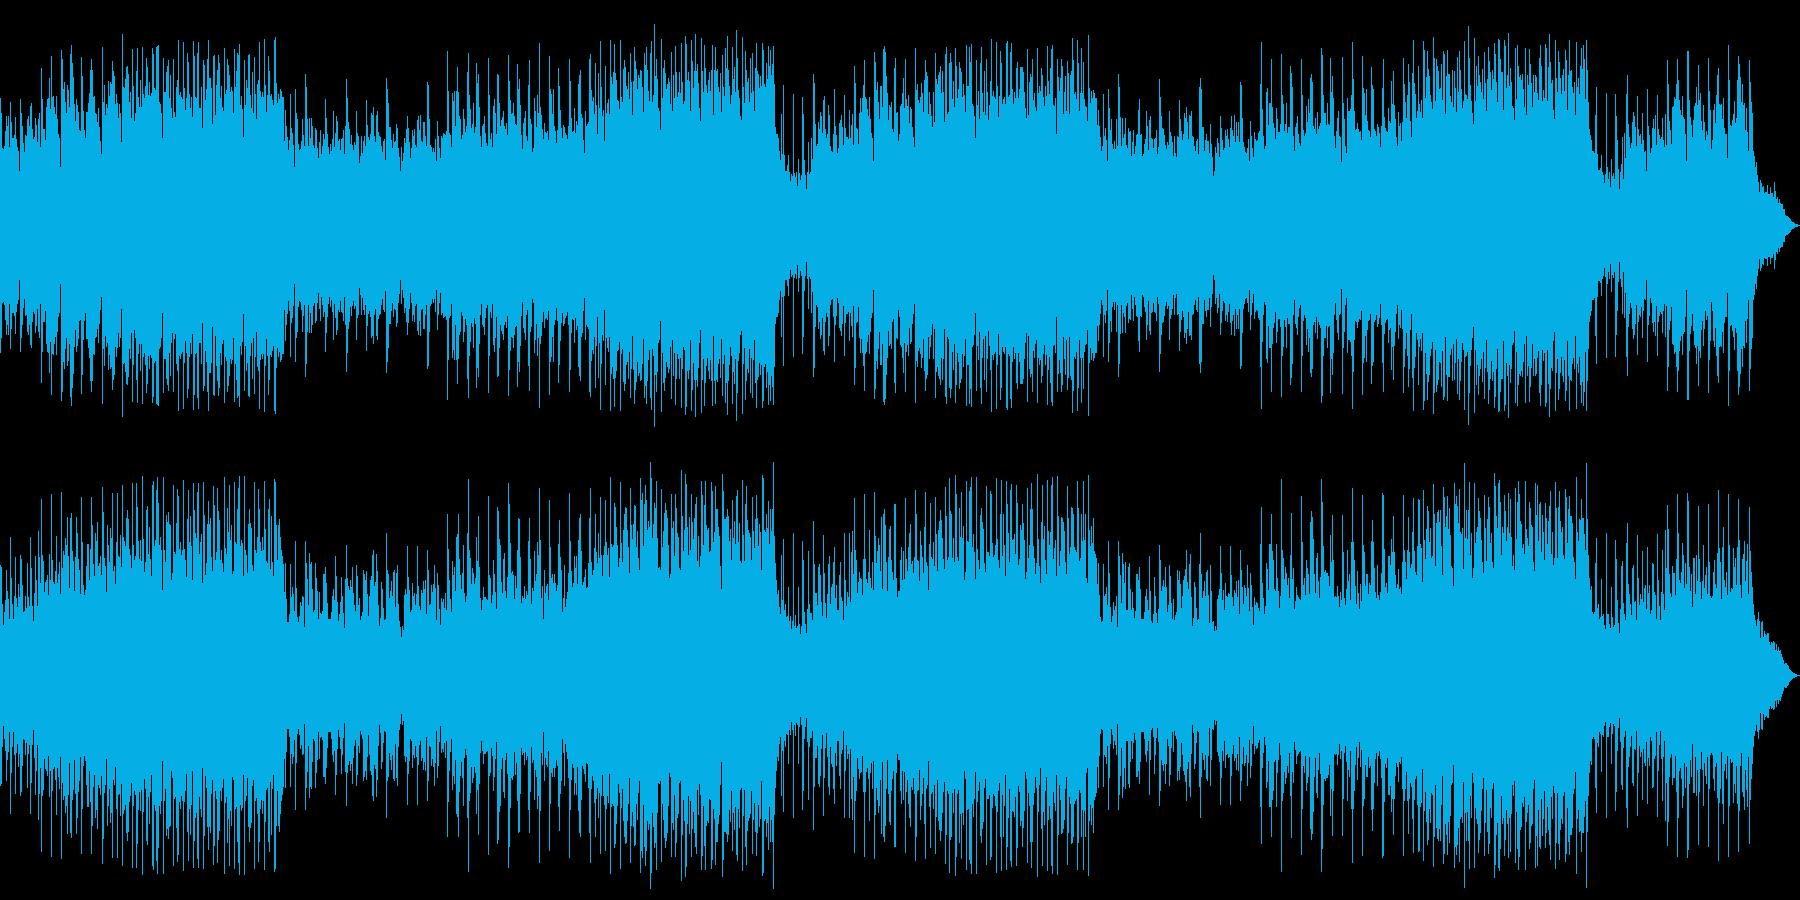 ウキウキ、楽しいピアノカントリーBGMの再生済みの波形